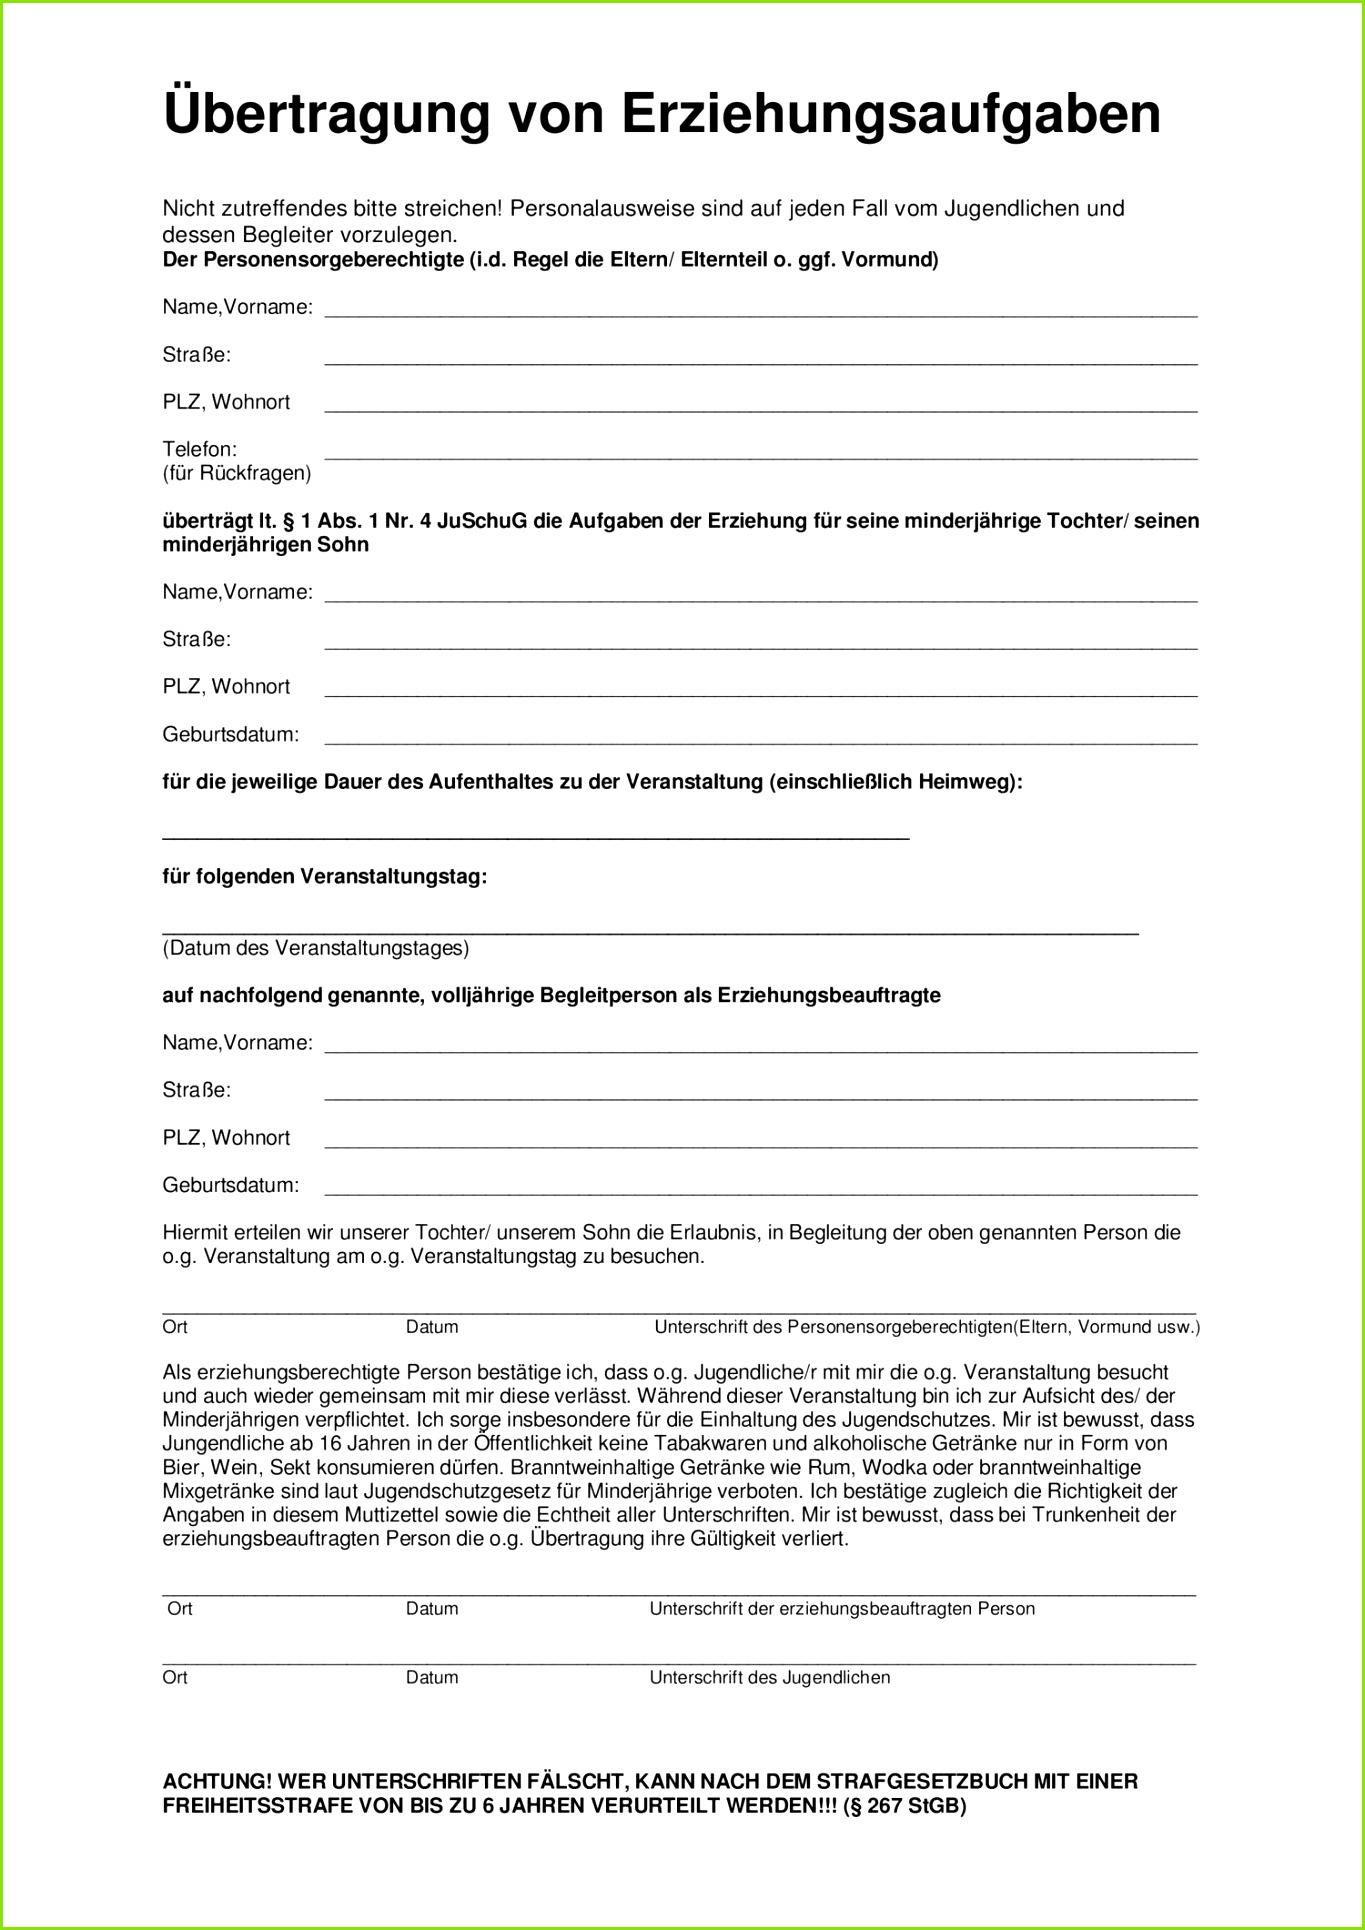 muttizettel vorlagen muttizettel pdf docdroid of muttizettel vorlagen